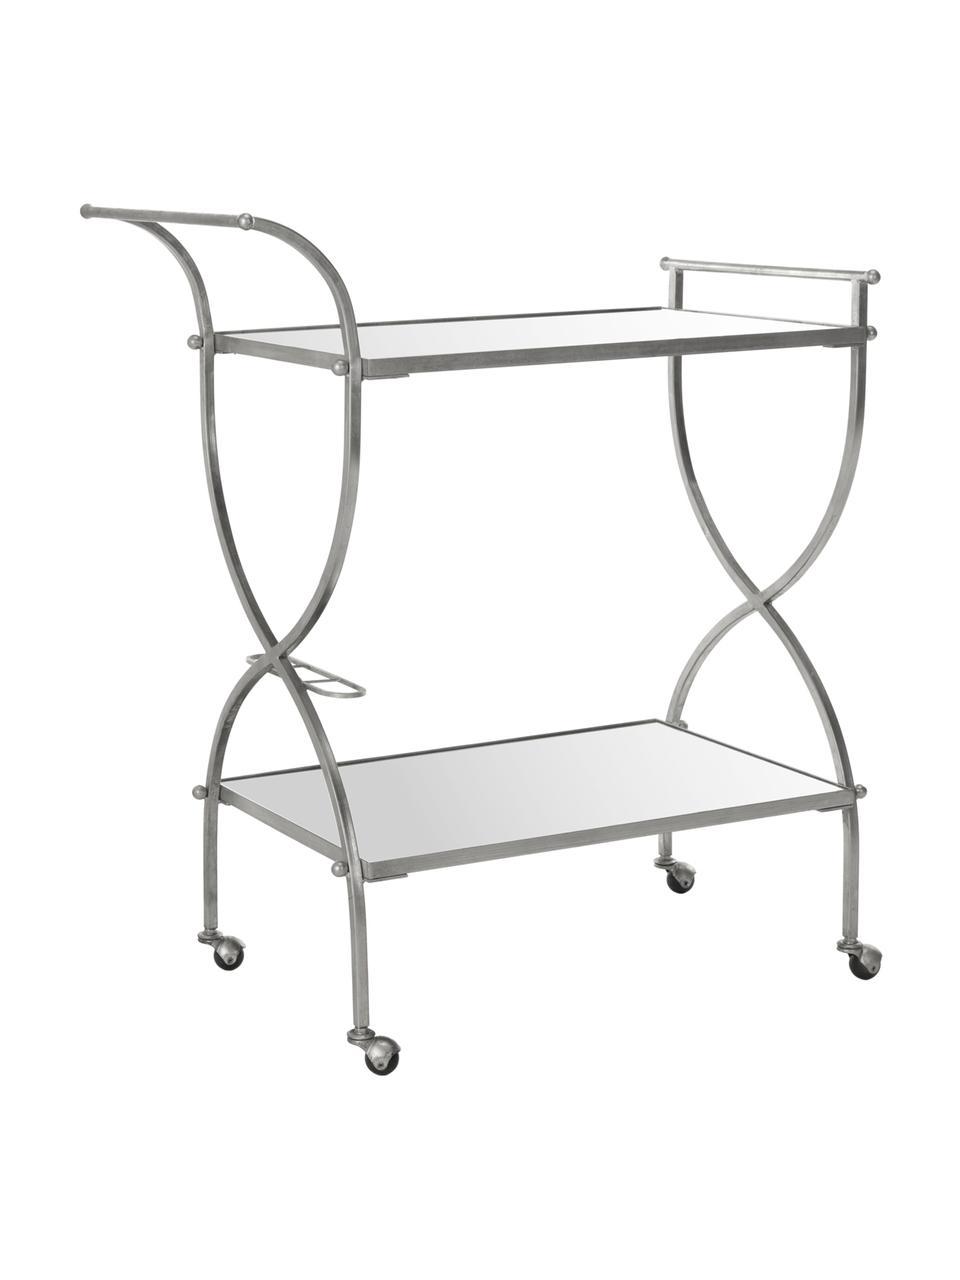 Metall-Servierwagen Porter, Gestell: Eisen, Ablage oben und unten: Spiegelglas, Silberfarben, 85 x 98 cm